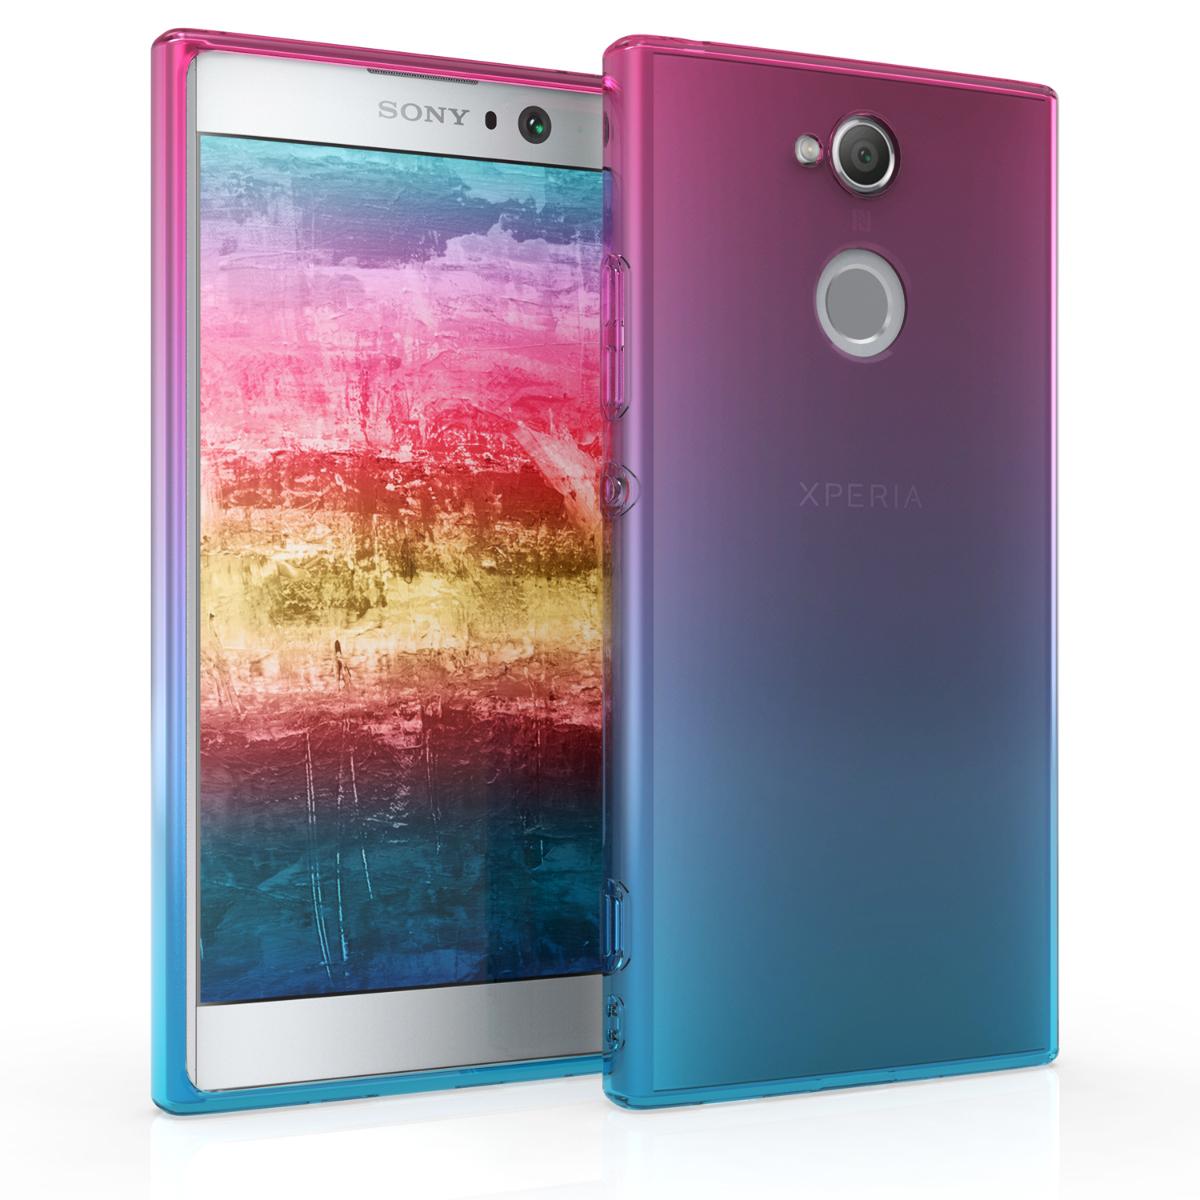 Kvalitní silikonové TPU pouzdro | obal pro Sony Xperia XA2 - Bicolor tmavě růžová / modré / průhledná